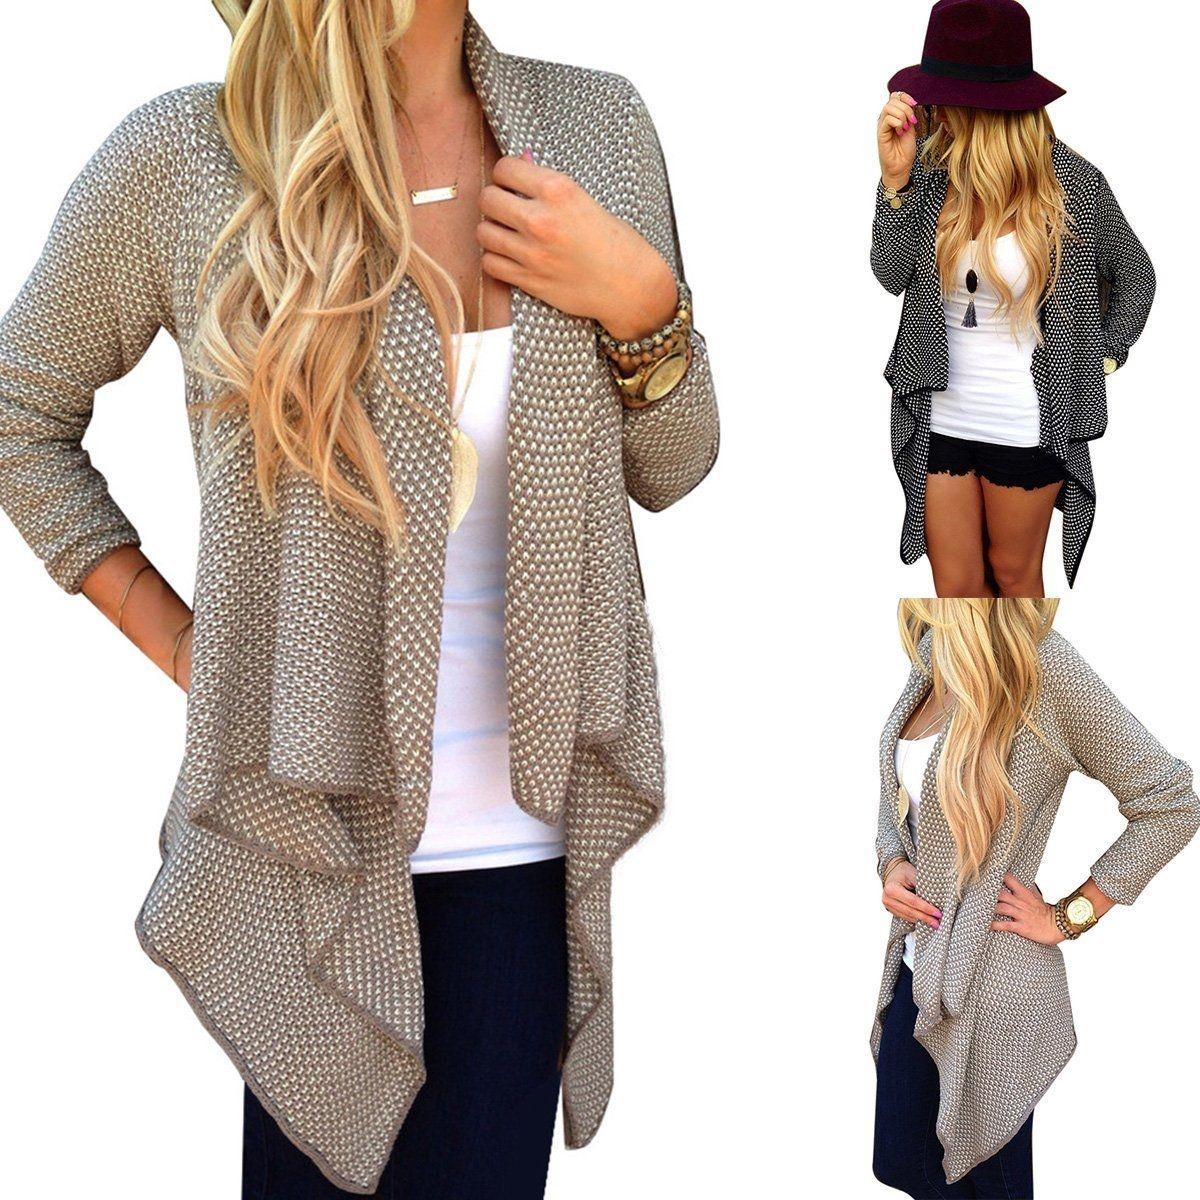 Women Long Sleeve Knitted Cardigan Loose Sweater Outwear Jacket Coat Sweater Top khaki s 2